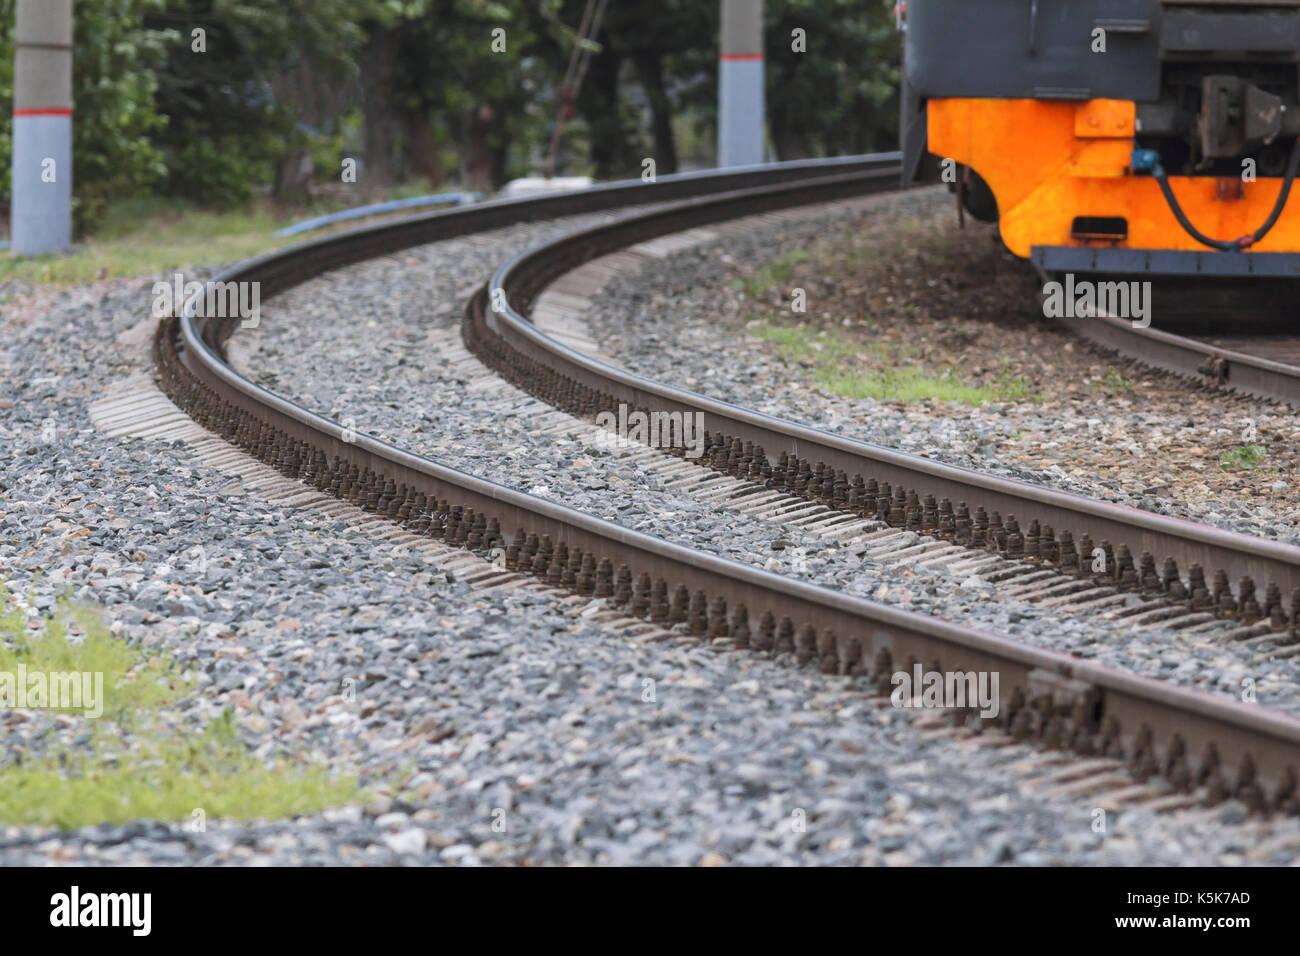 Curving railway tracks on crushed stone and orange train, telephoto - Stock Image